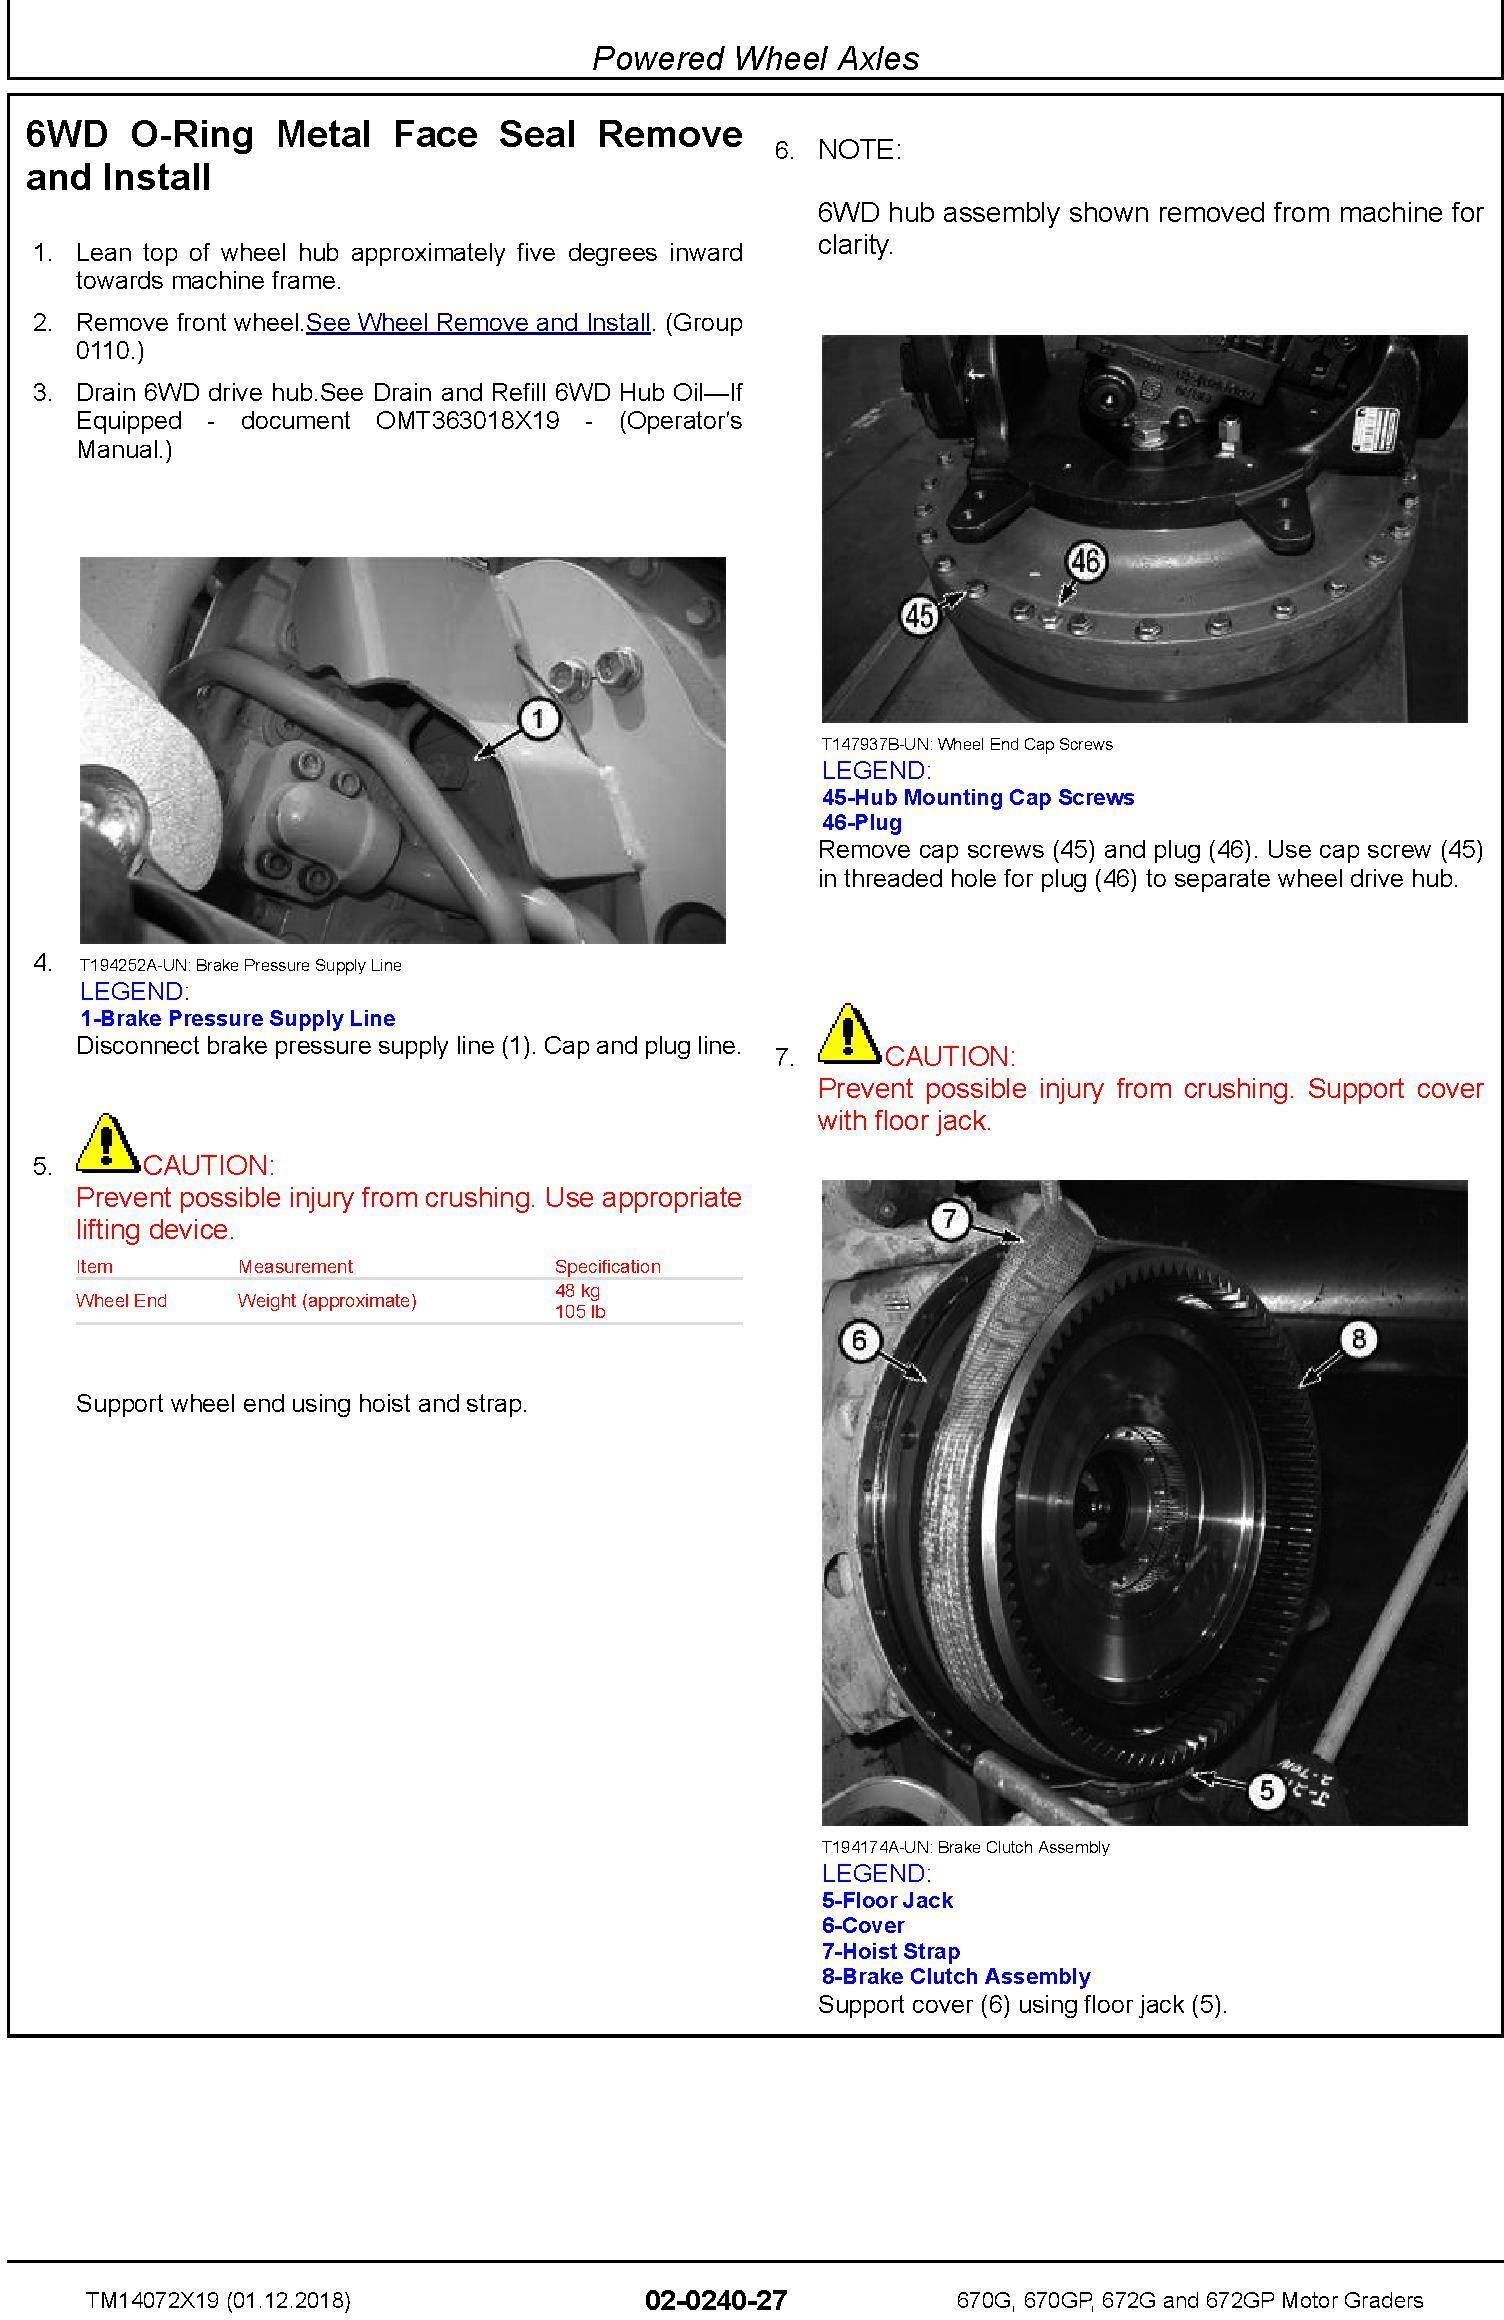 John Deere 670G, 670GP, 672G, 672GP (SN.F678818-680877) Motor Graders Repair Manual (TM14072X19) - 3